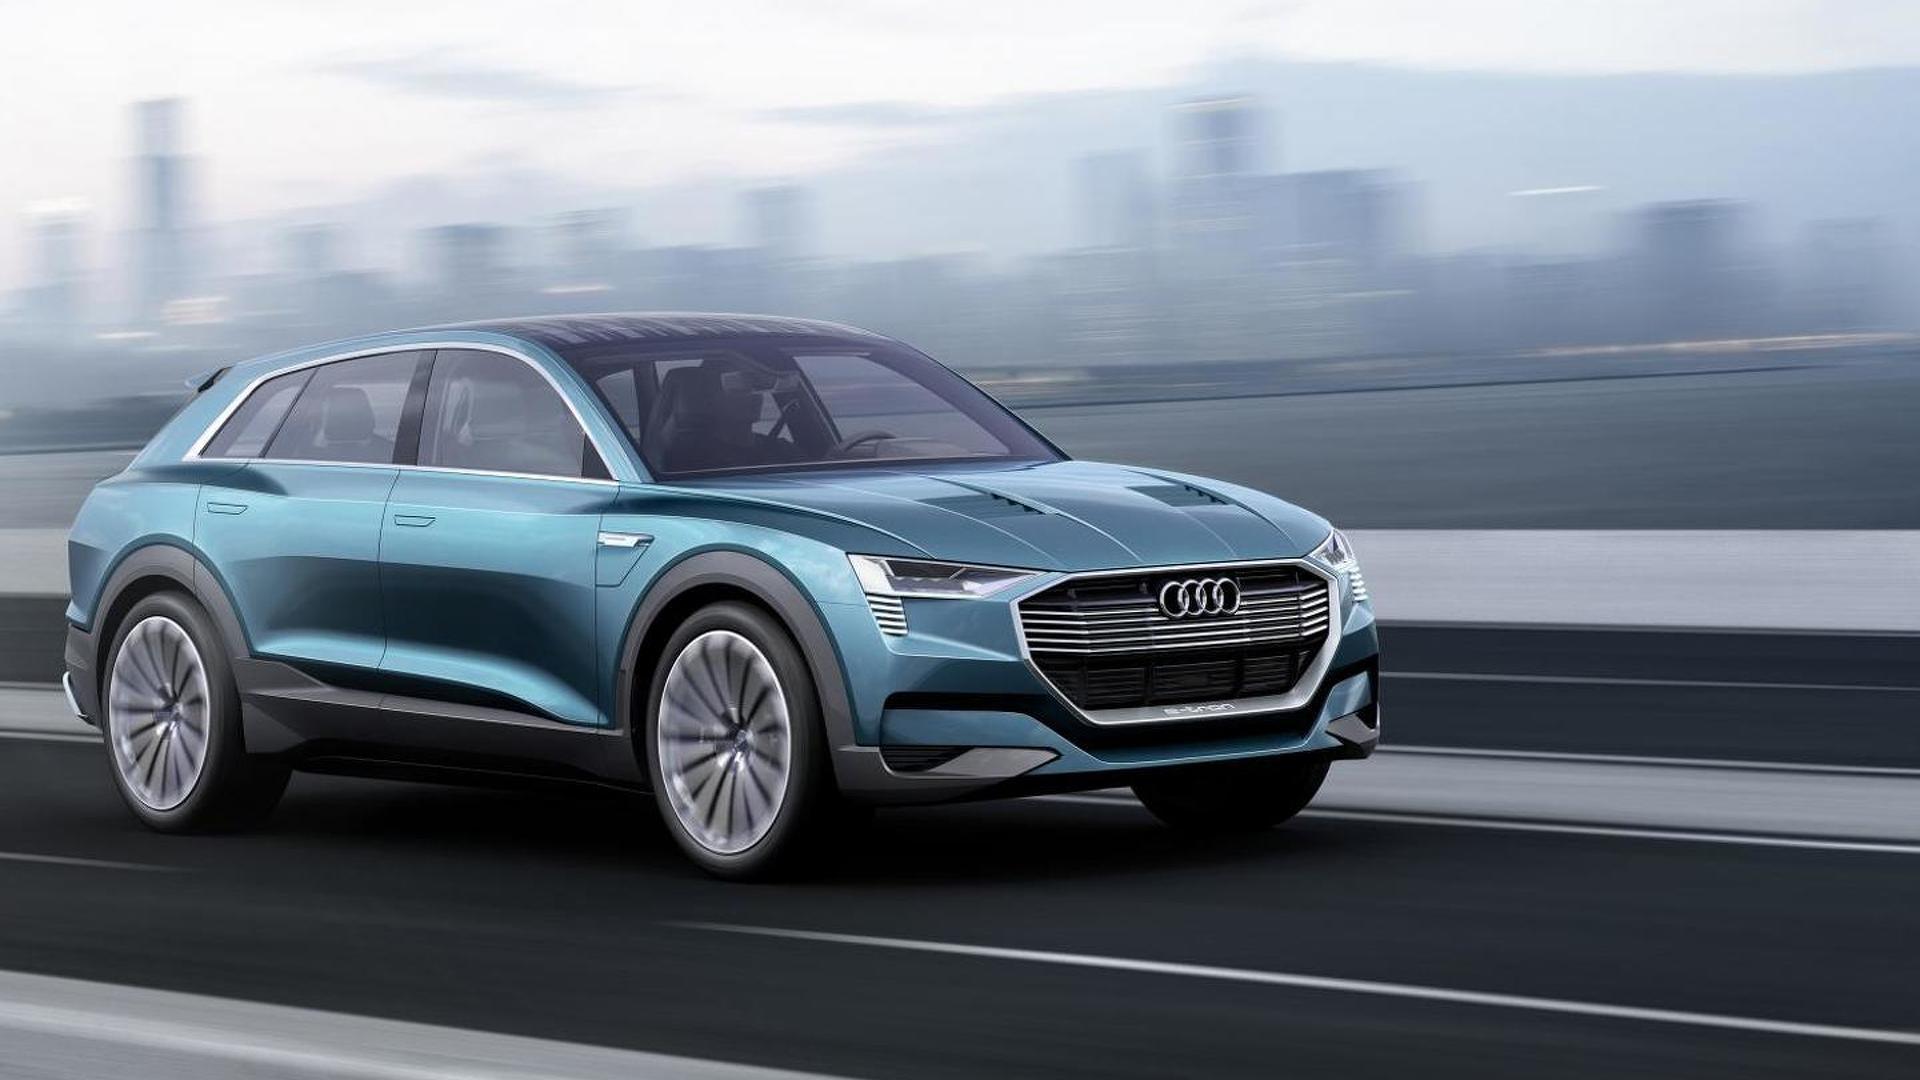 Audi h-tron quattro concept rumored for Detroit